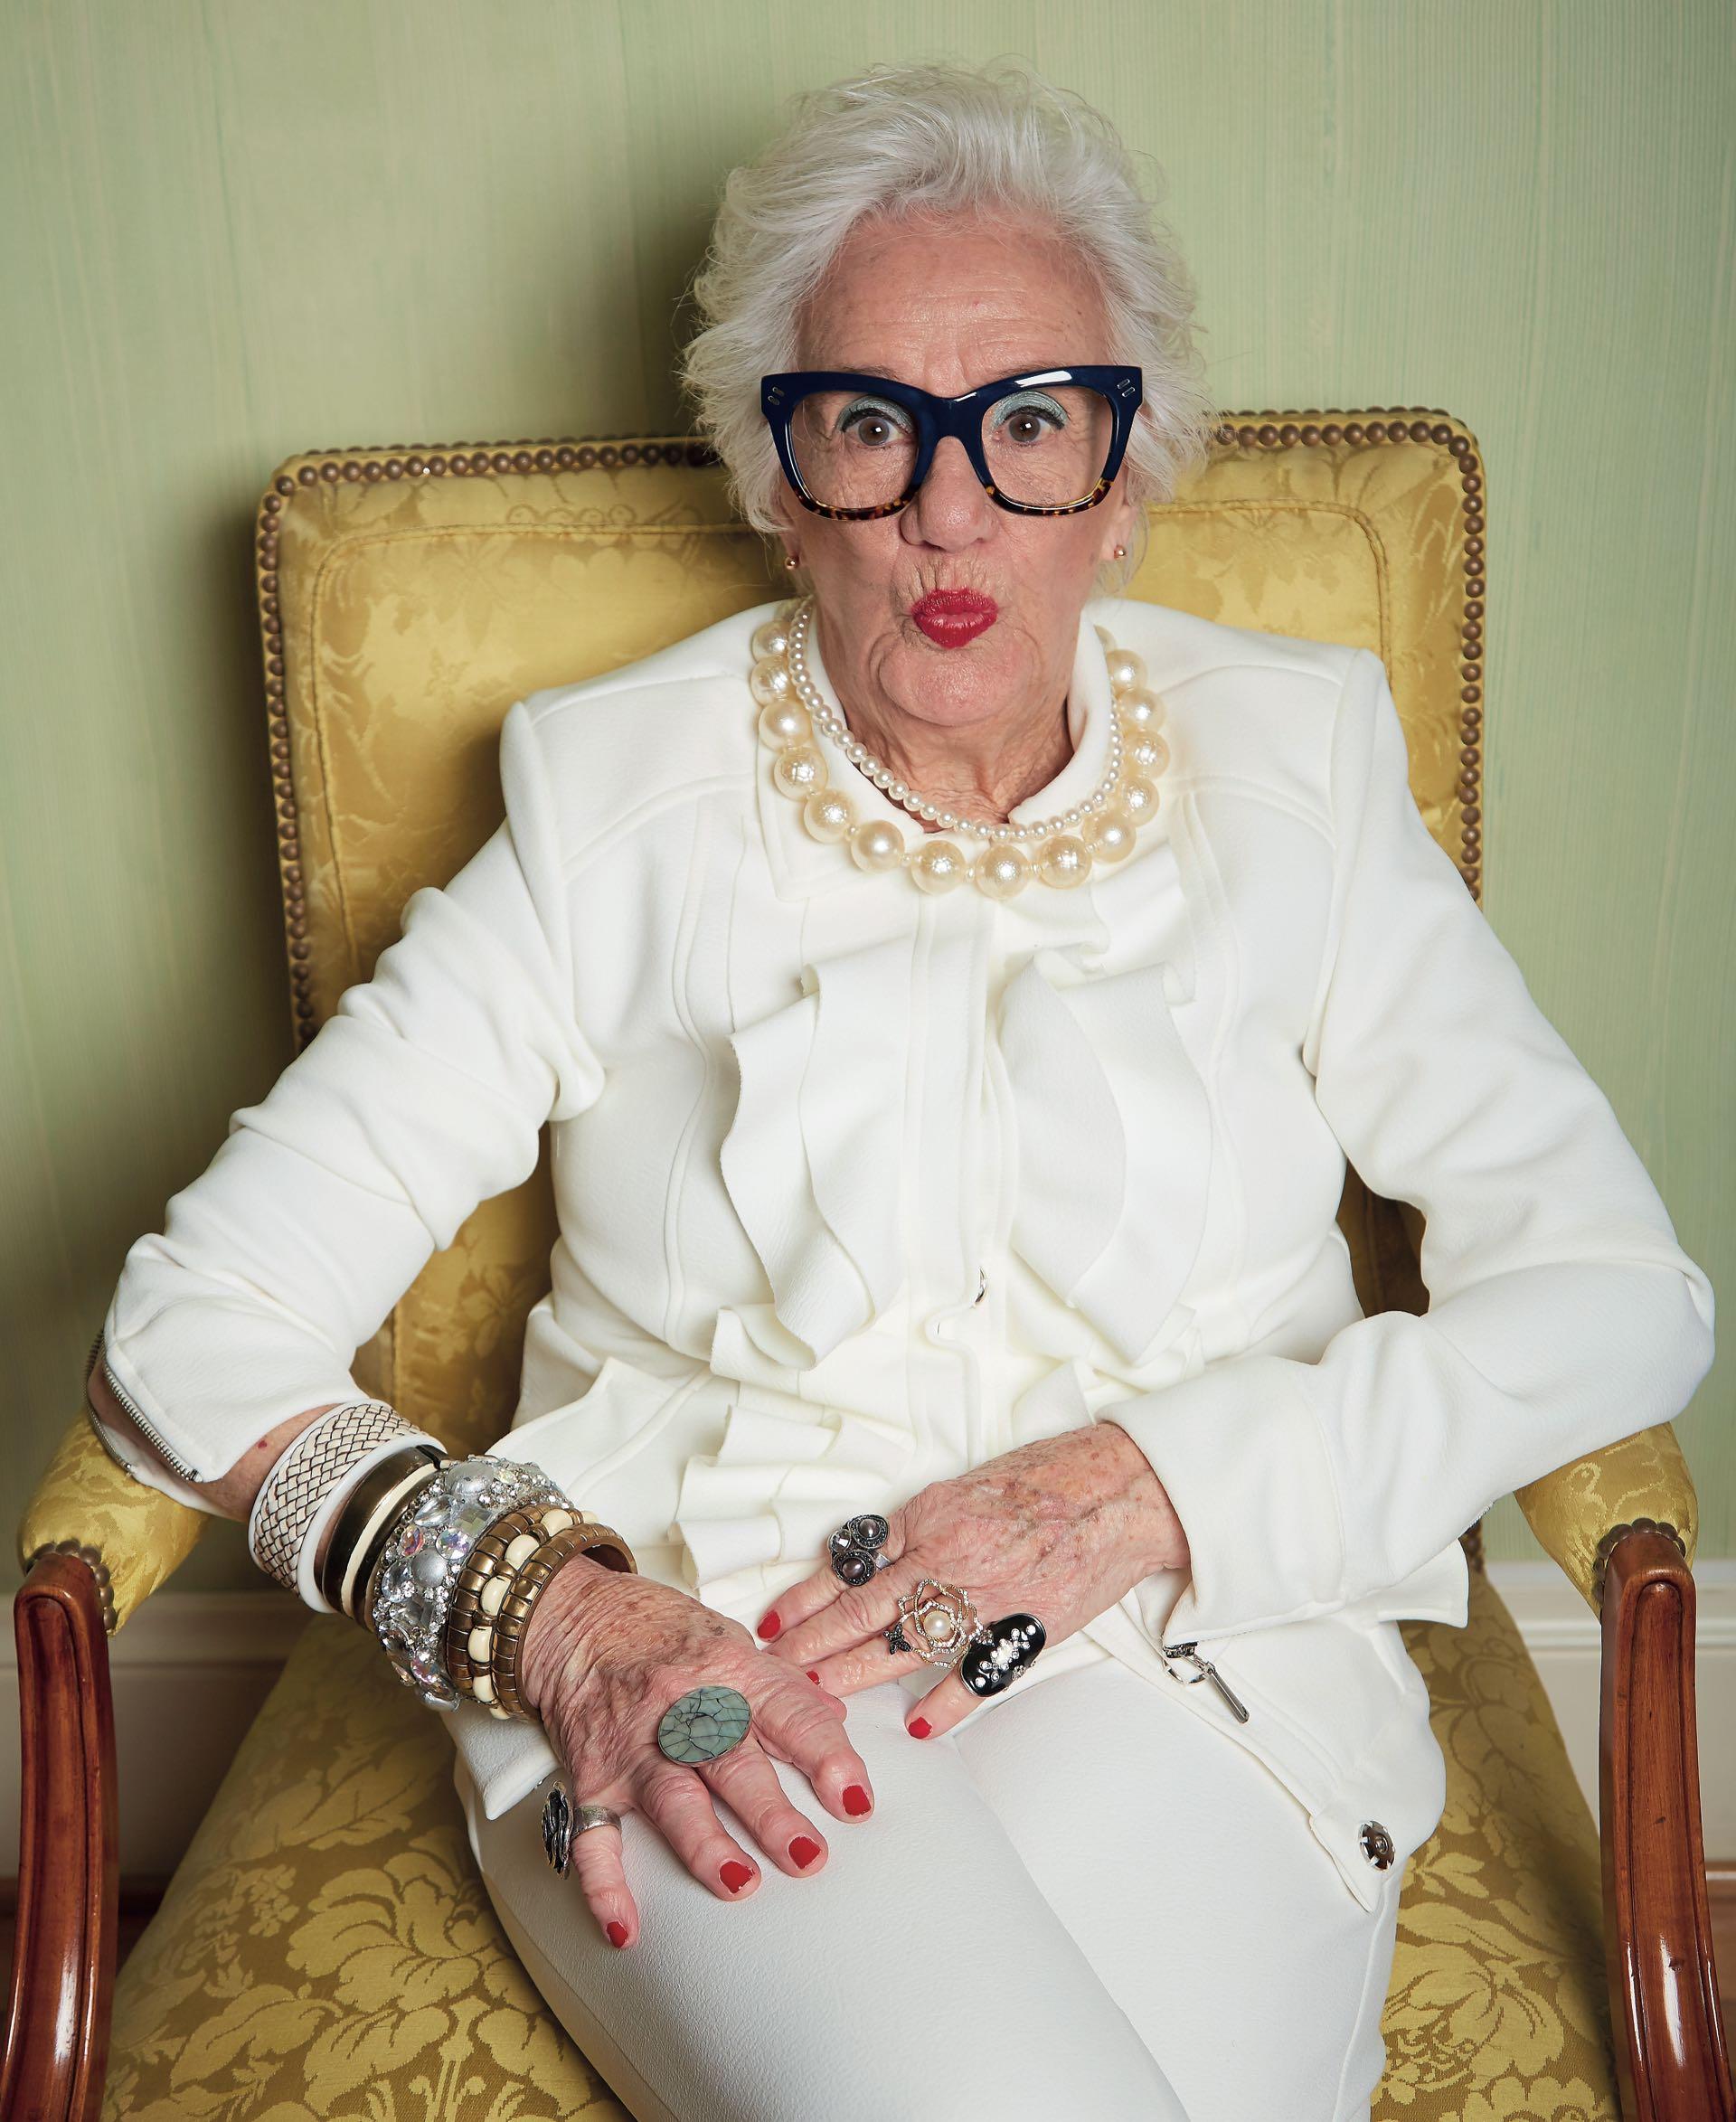 Chaqueta con volados y pantalón de crepé ($ 5.000 y $ 4.000 Laurencio Adot), collares de perlas, pulseras y anillos (Gabriella Capucci).